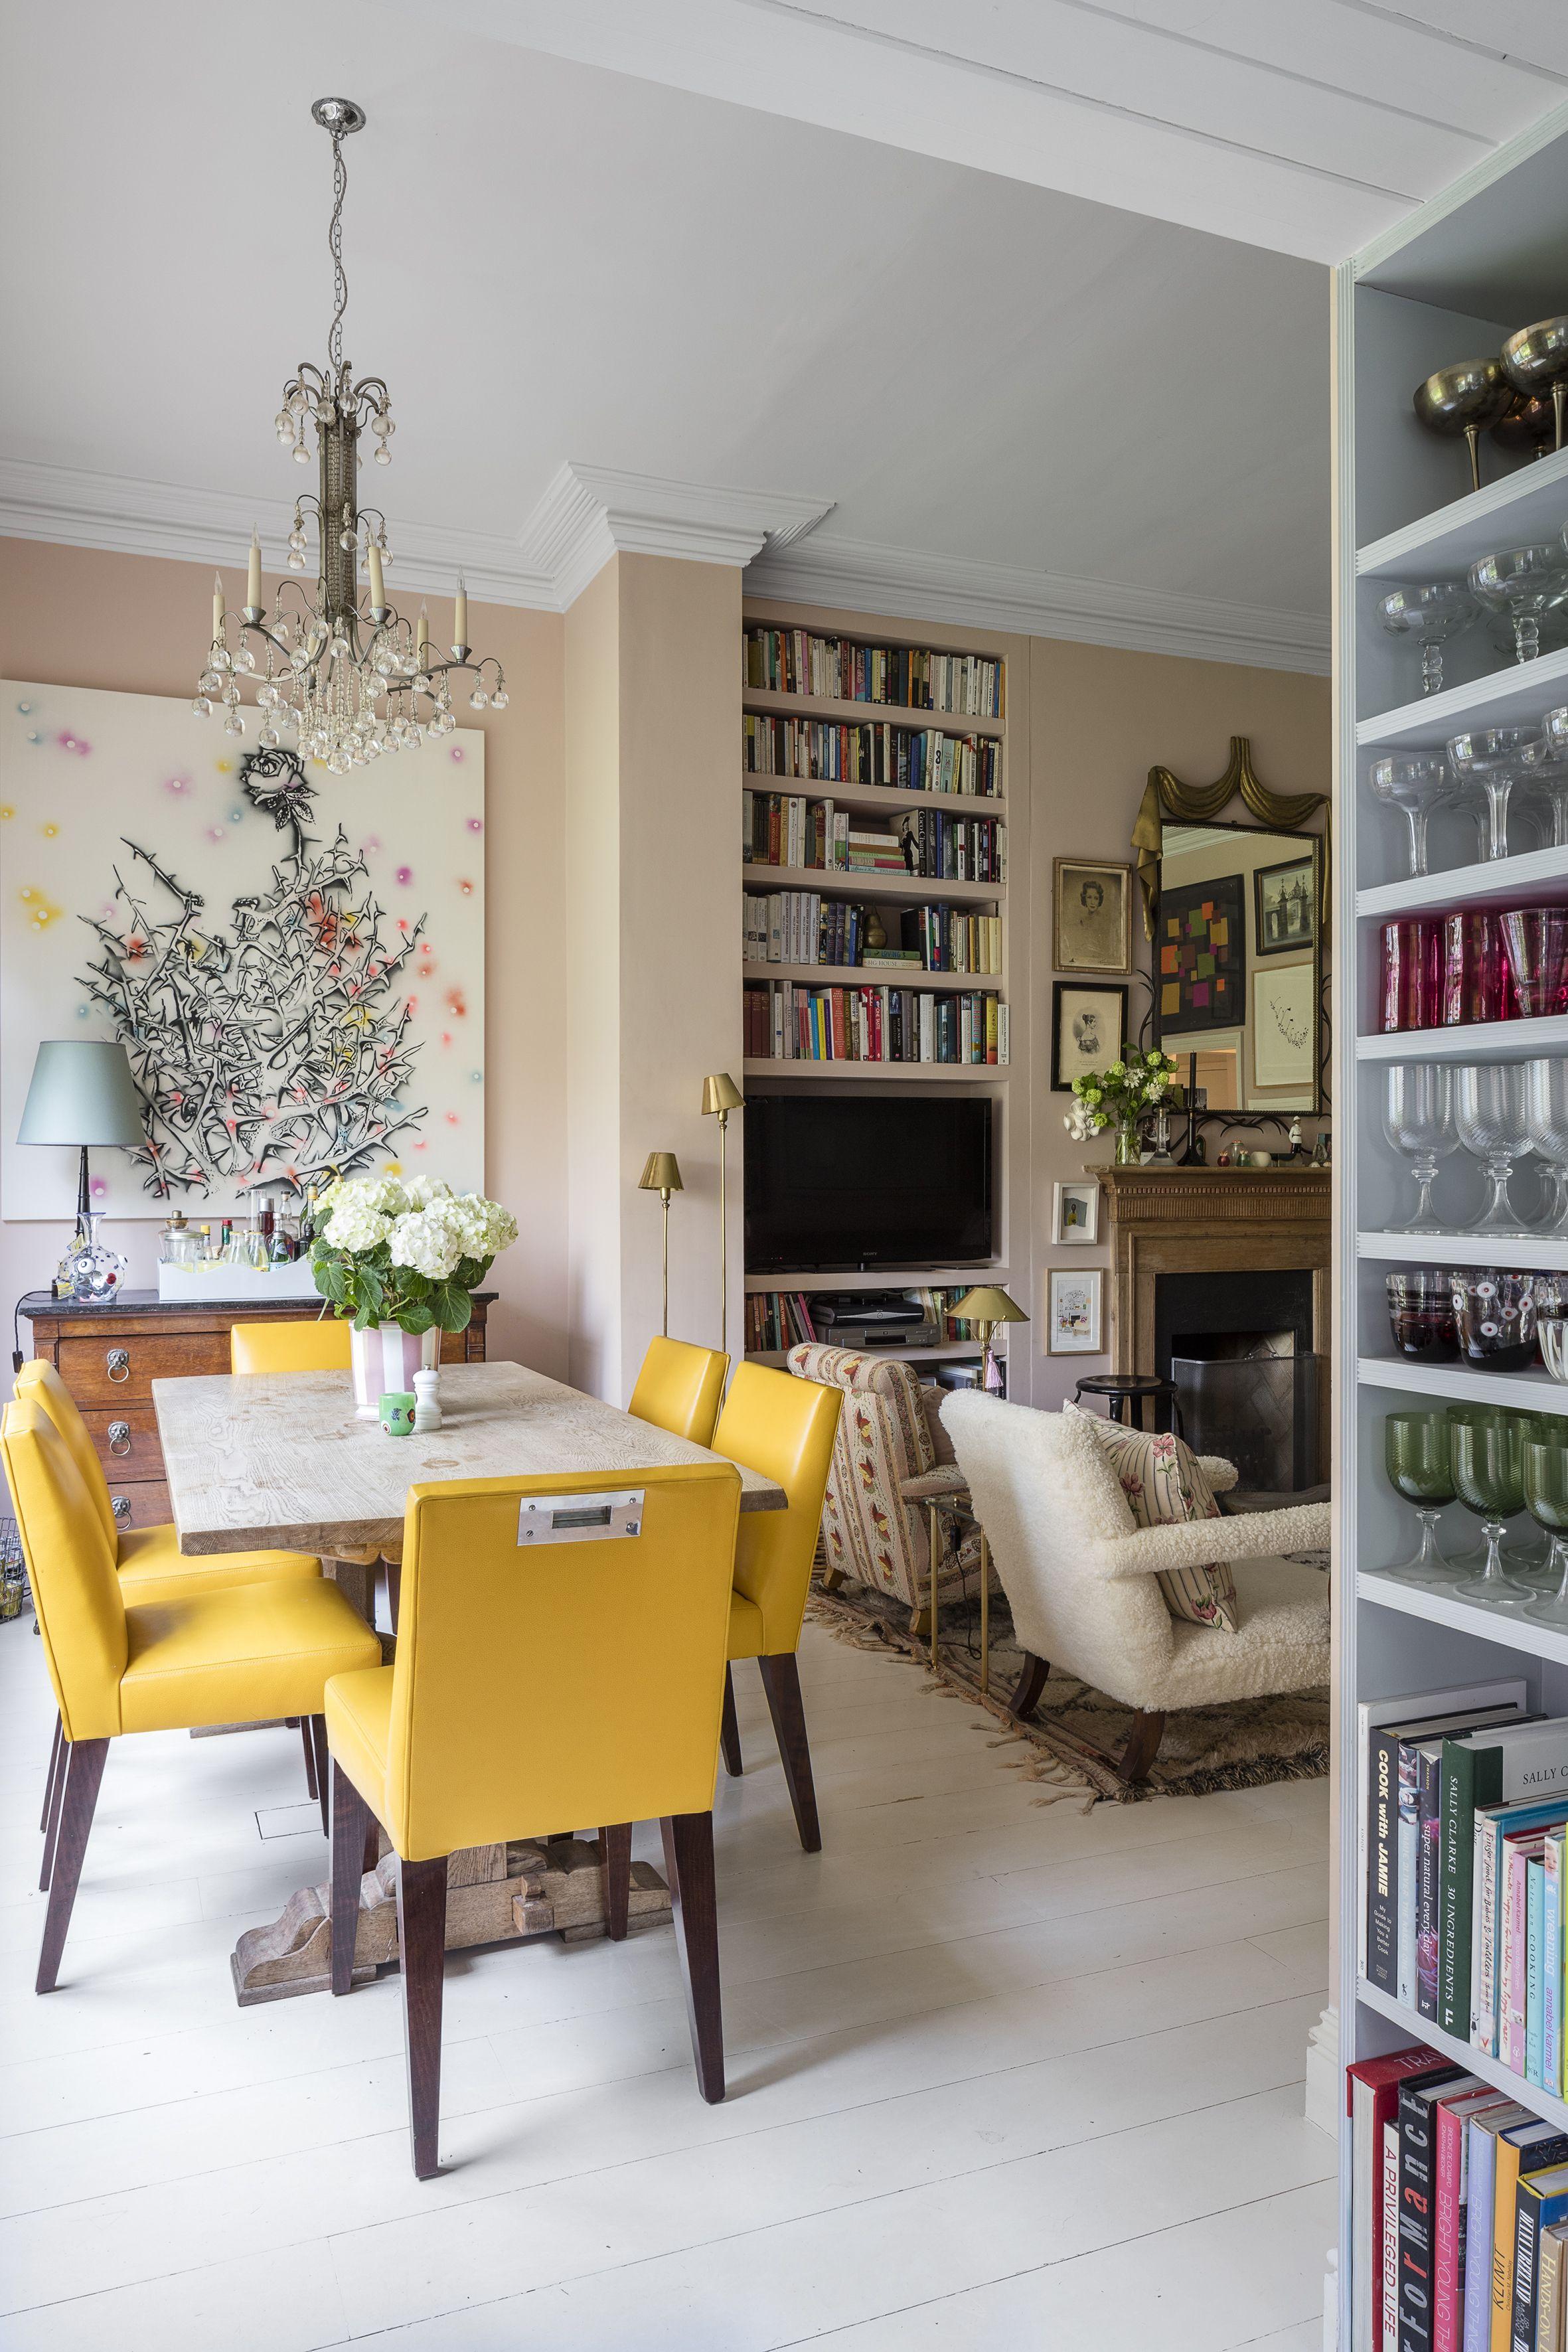 Low Budget Interior Design Ideas For Living Room #homedecorblog